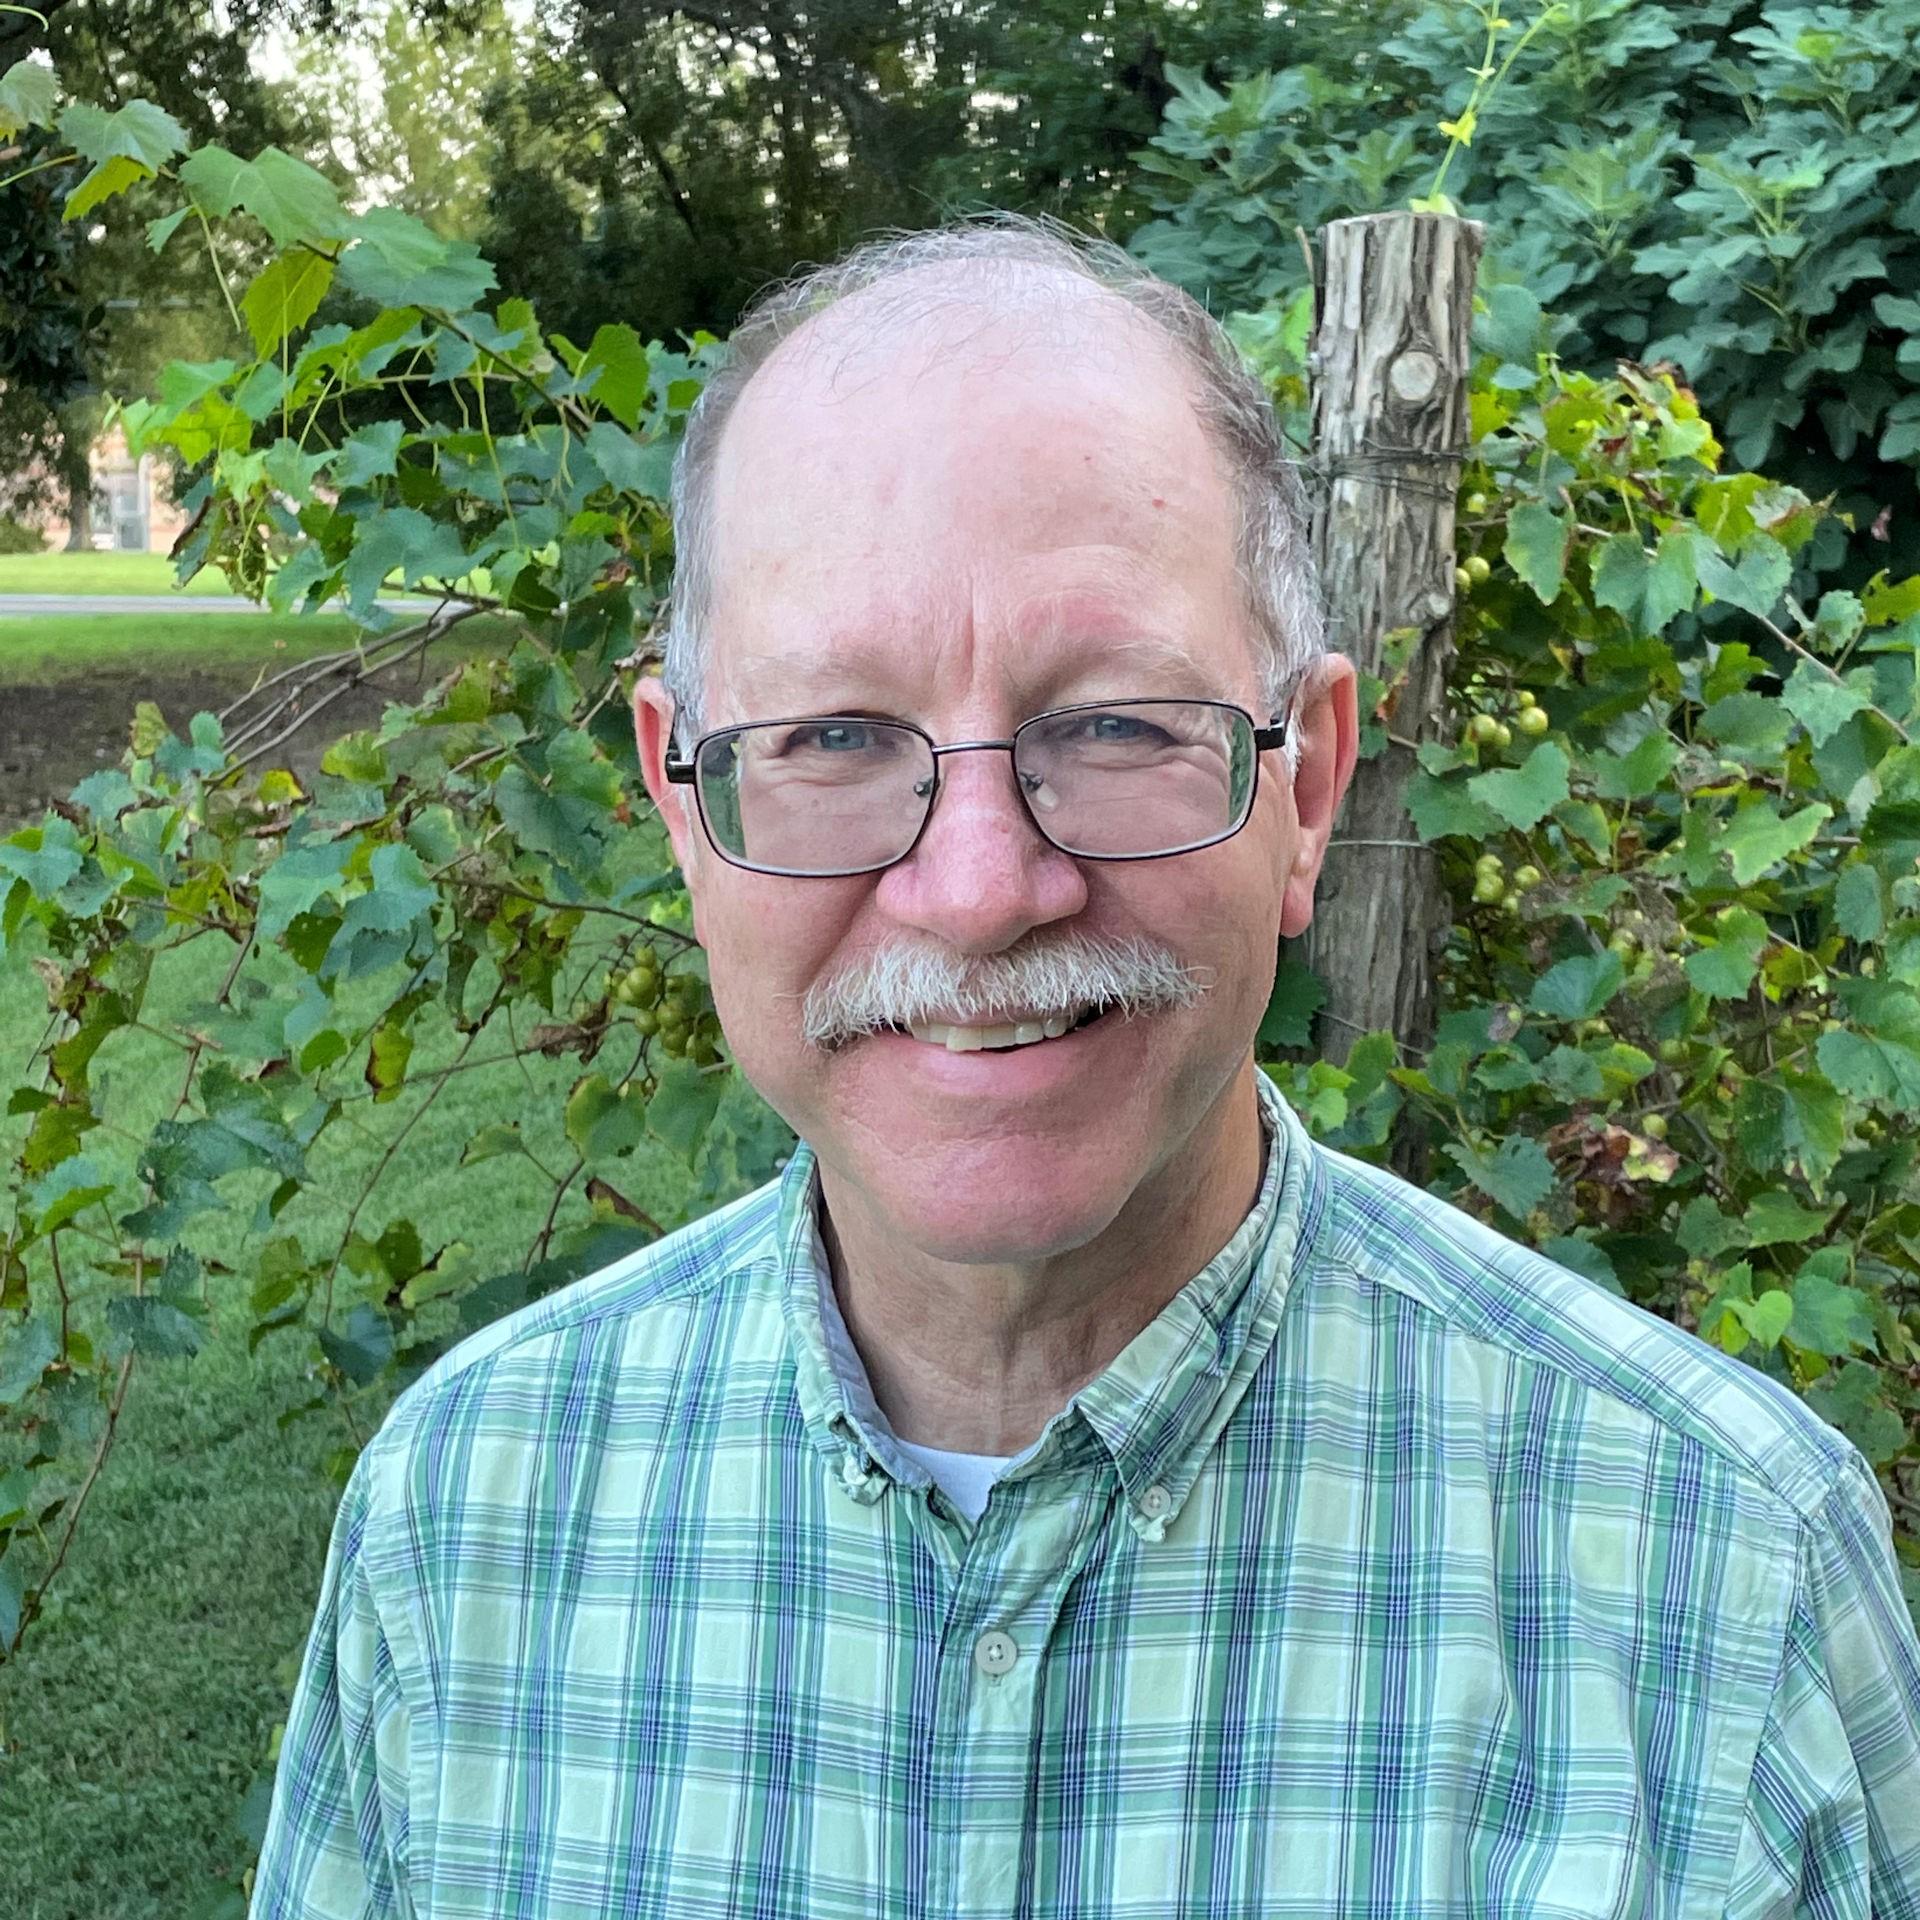 Lloyd Schmeidler